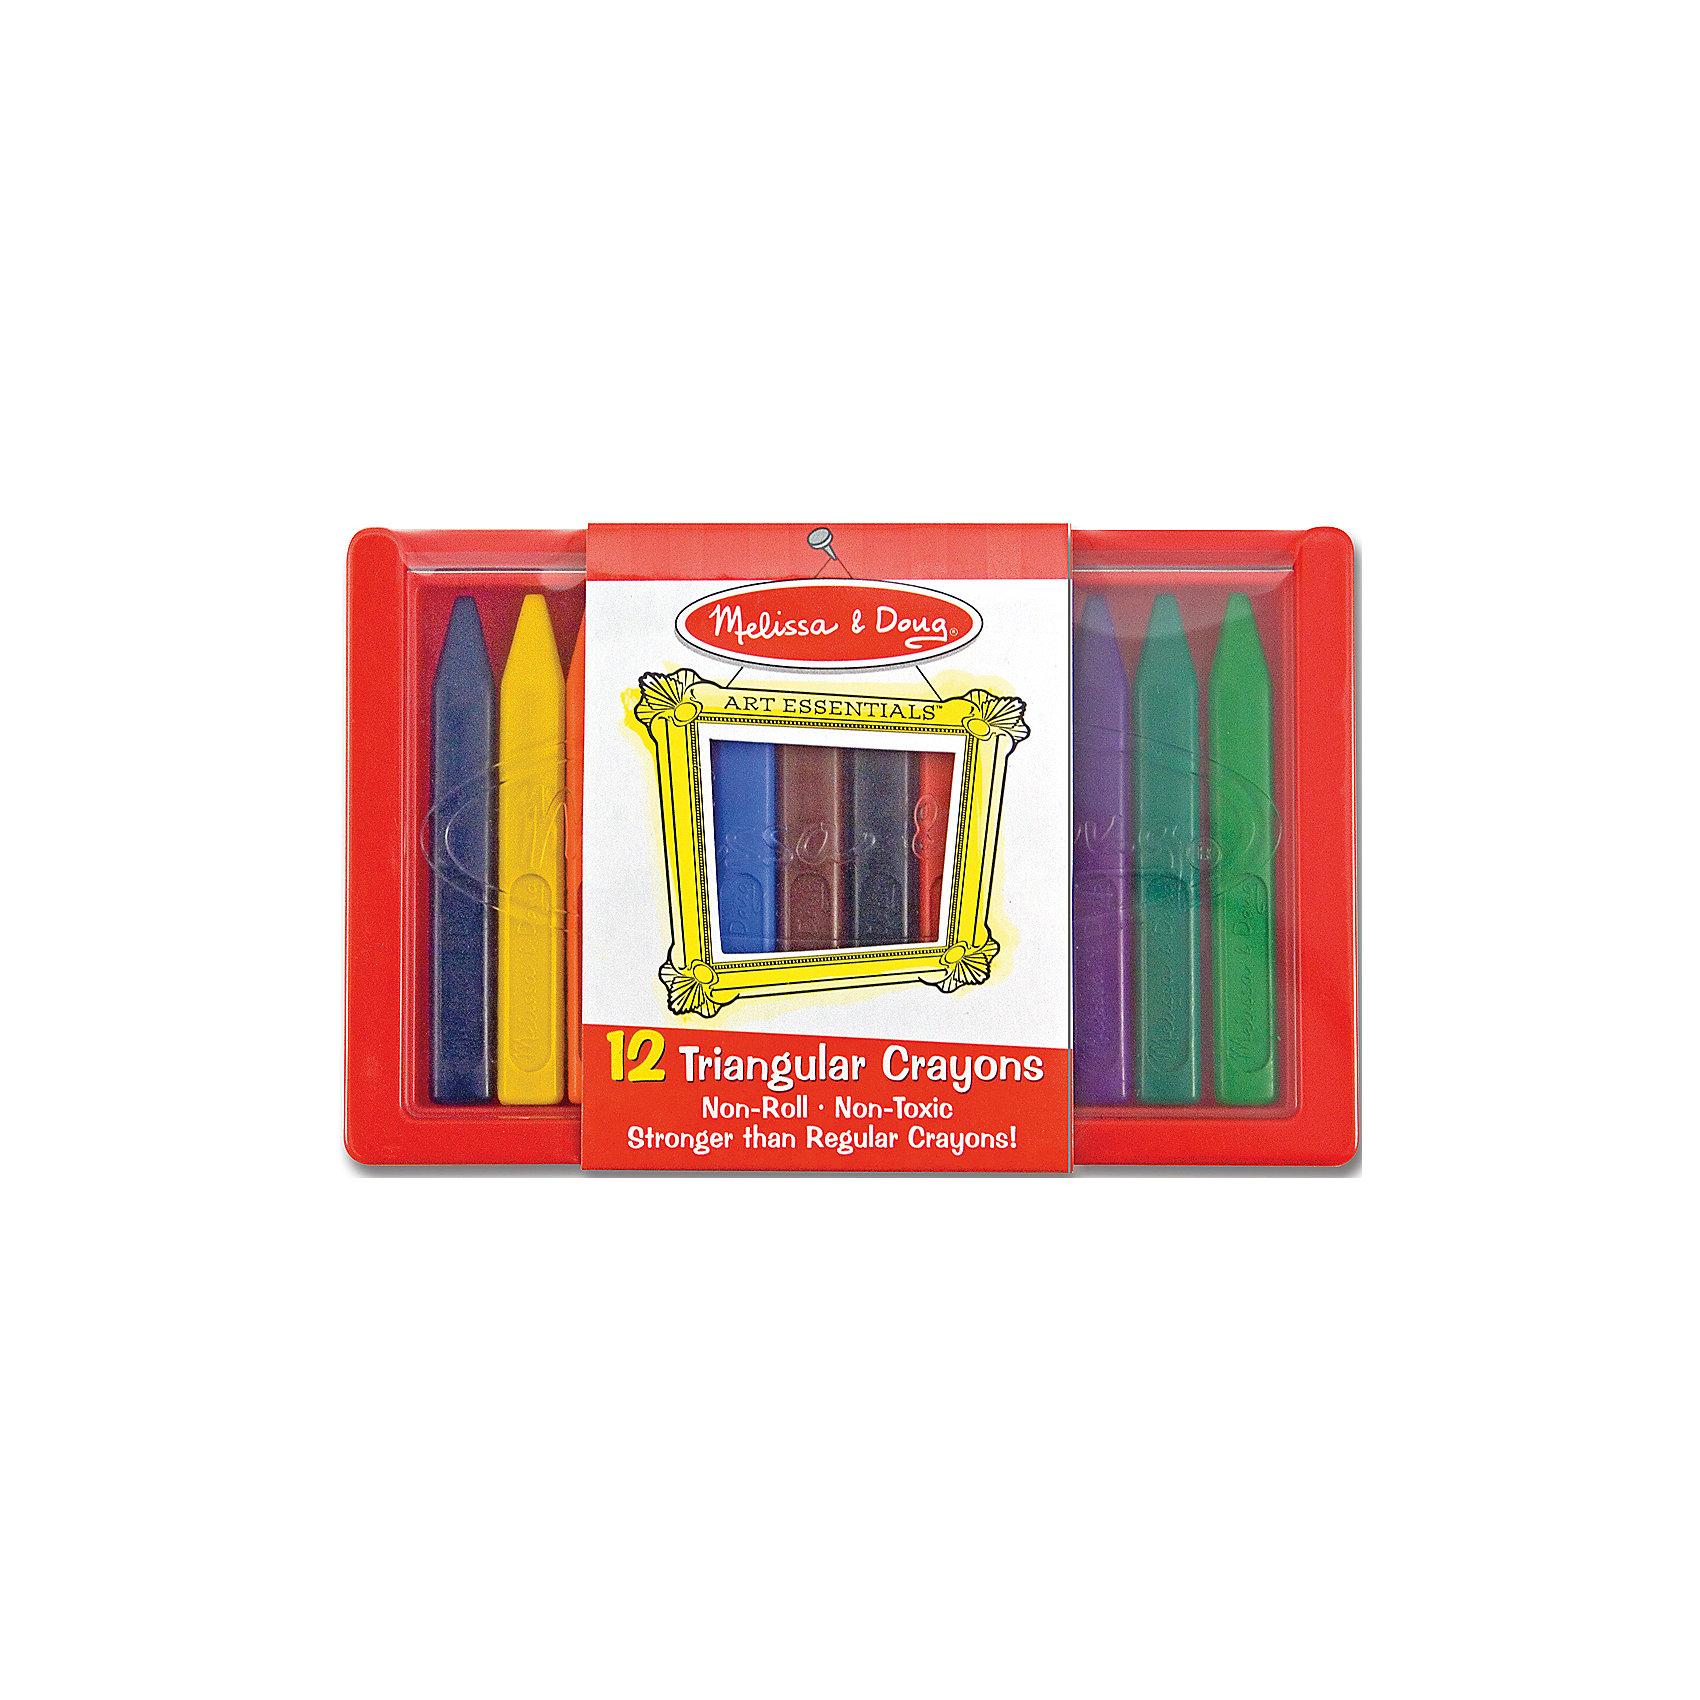 Набор восковых мелков 12 шт.Цветные мелки – классический предмет для рисования на школьной доске или на асфальте во время перемены. Творчество – важная часть школьной и будничной жизни детей. Важно вносить разнообразие в рядовые процессы рисования. Например, познакомить ребенка с интересными техниками рисования или купить ему новые предметы для творчества. Отличный вариант – восковые мелки.Они имеют трехгранный корпус, что выглядит довольно необычно. Такая форма помогает мелкам не раскатываться по поверхности. Все материалы, использованные при изготовлении, отвечают международным требованиям по качеству и безопасности.<br><br>Дополнительная информация: <br><br>количество цветов: 12;<br>упаковка: кейс;<br>размер: 16 х 10 х 2 см.<br><br>Набор восковых мелков 12 шт. можно приобрести в нашем магазине.<br><br>Ширина мм: 160<br>Глубина мм: 20<br>Высота мм: 100<br>Вес г: 136<br>Возраст от месяцев: 36<br>Возраст до месяцев: 144<br>Пол: Унисекс<br>Возраст: Детский<br>SKU: 4993646